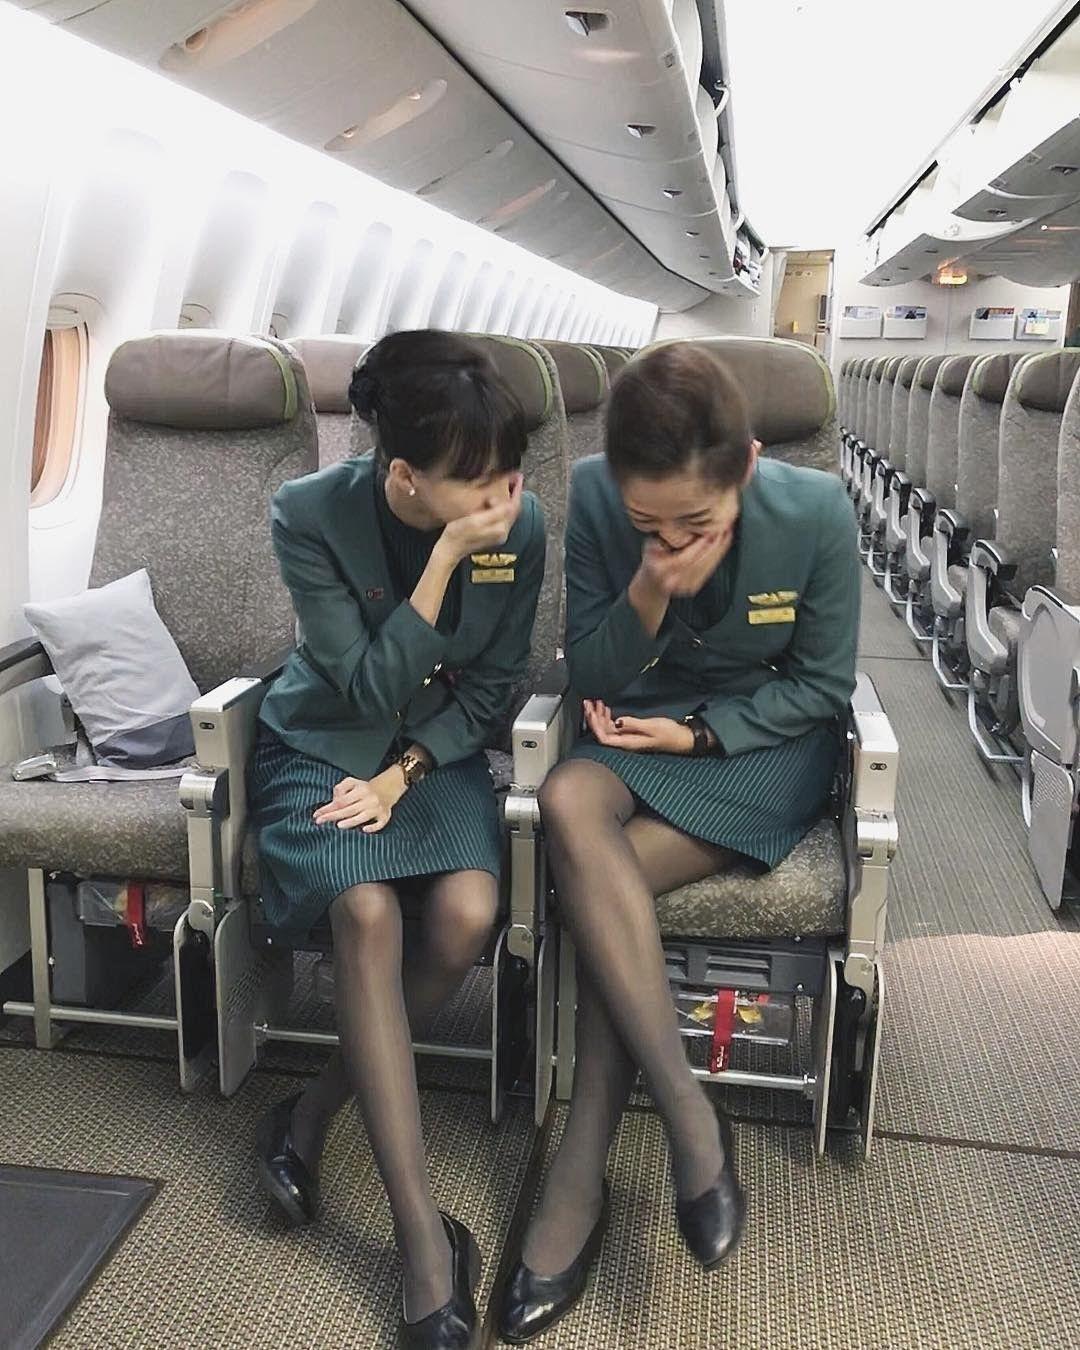 ボード「Asian Flight Attendants / Cabin Crew」のピン